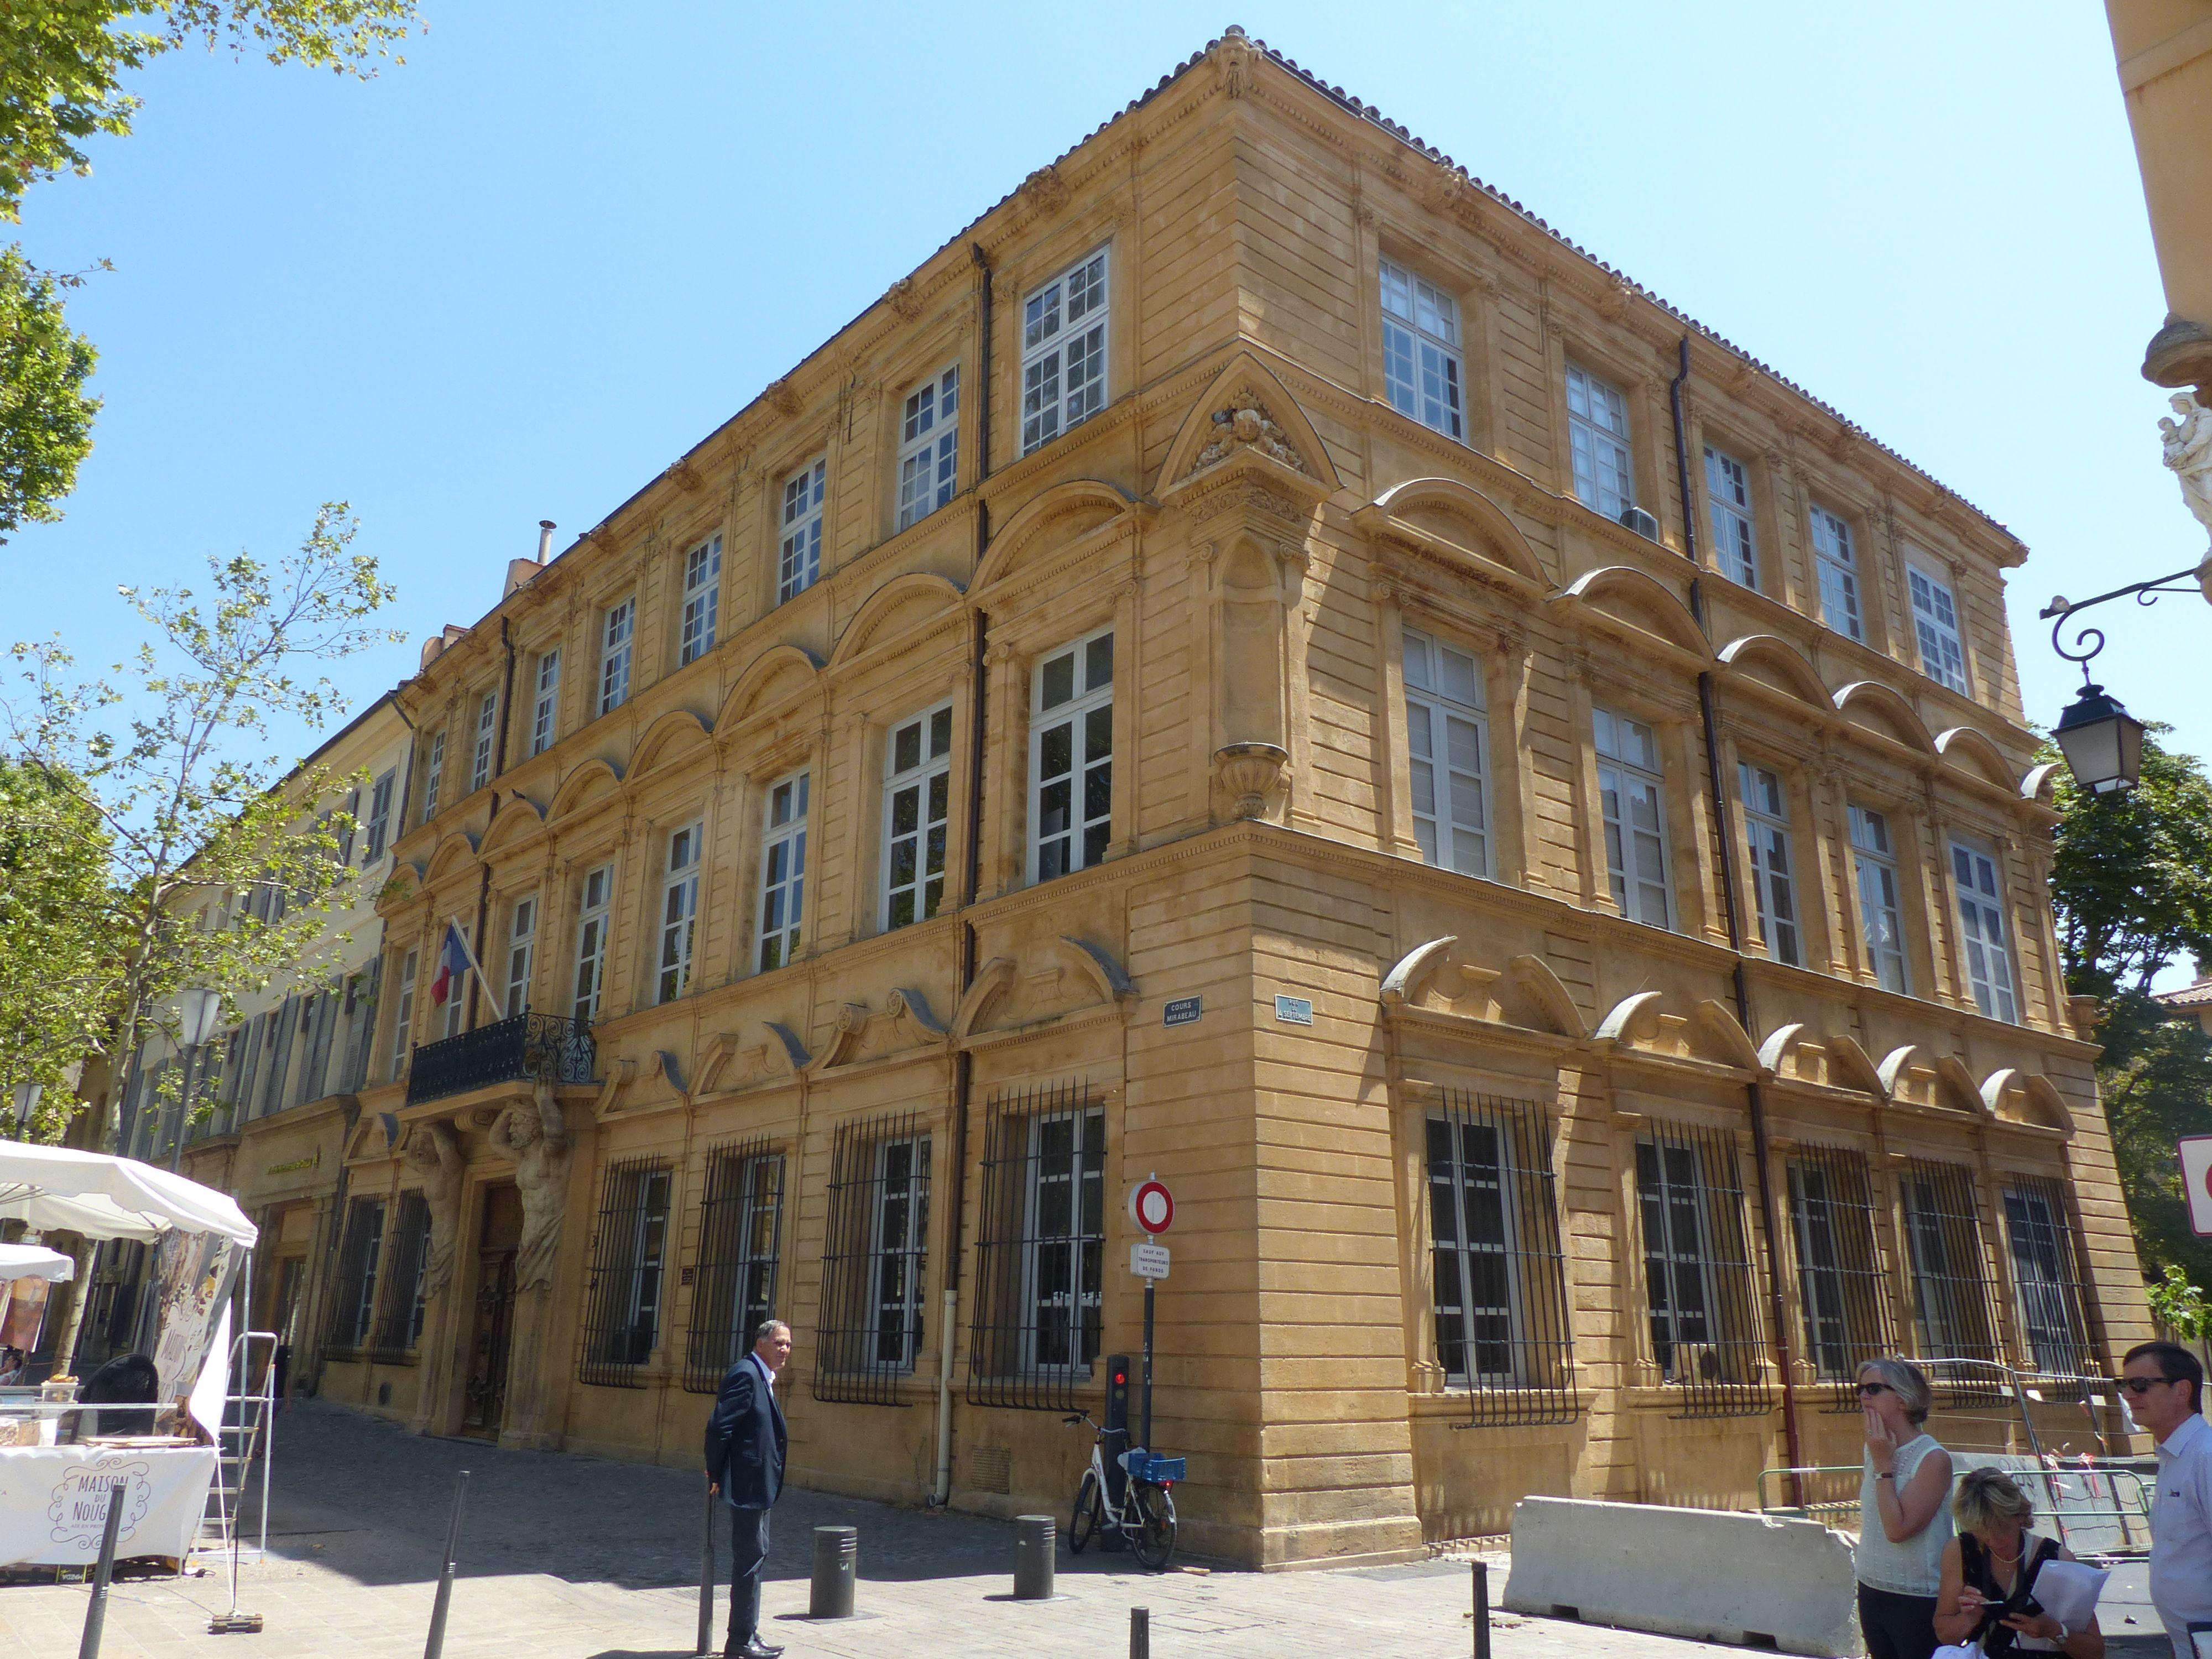 Hugo patrimoine des lieux de justice - Greffe du tribunal de commerce salon de provence ...